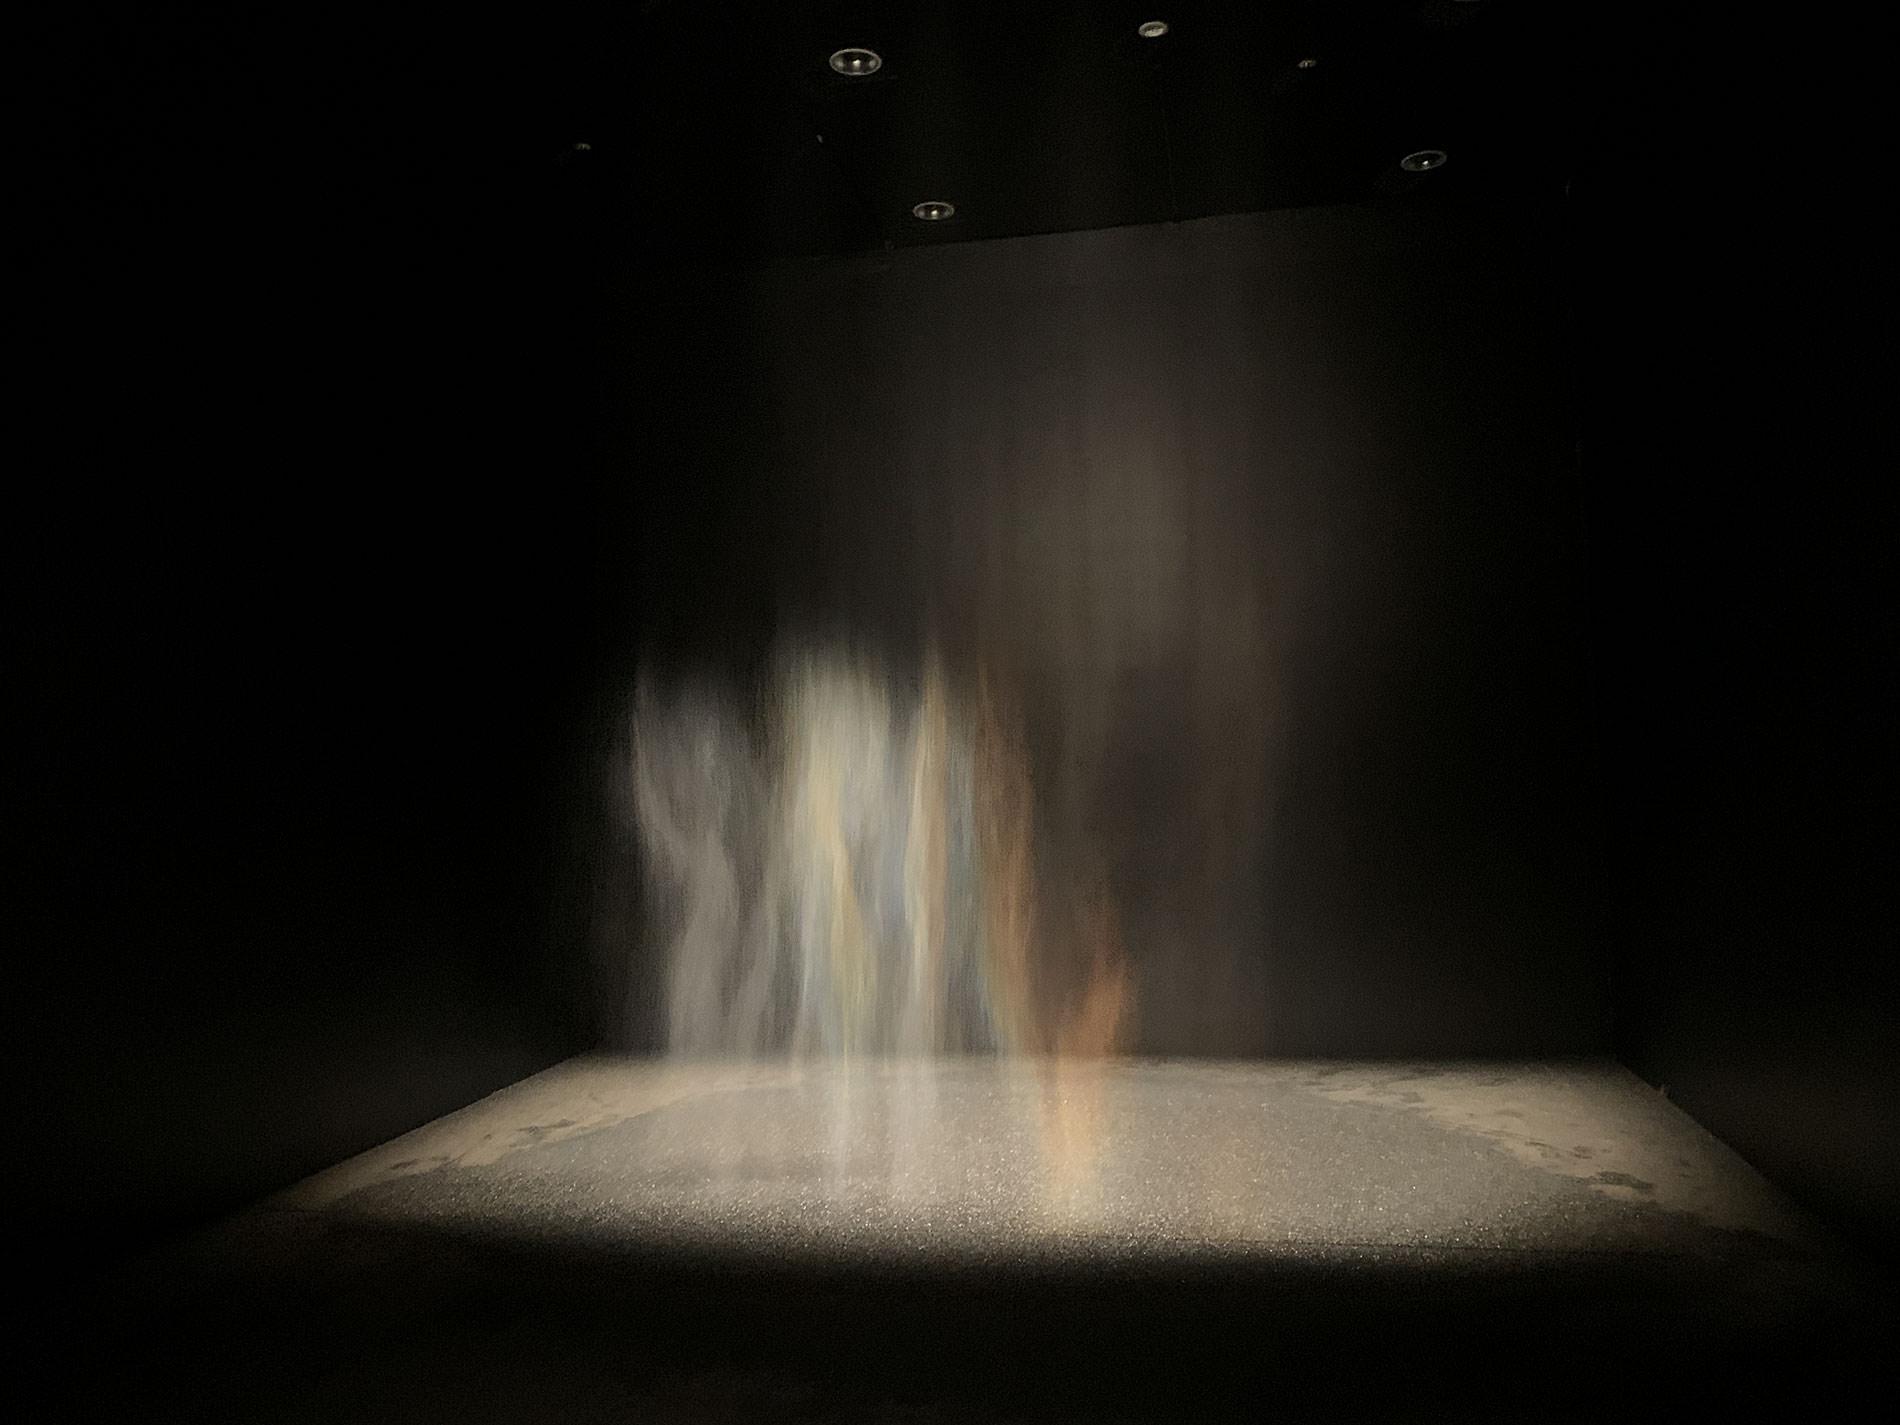 オラファー・エリアソン 「ときに川は橋となる」展 | 東京都現代美術館 / Olafur Eliasson | MUSEUM OF CONTEMPORARY ART TOKYO 2020